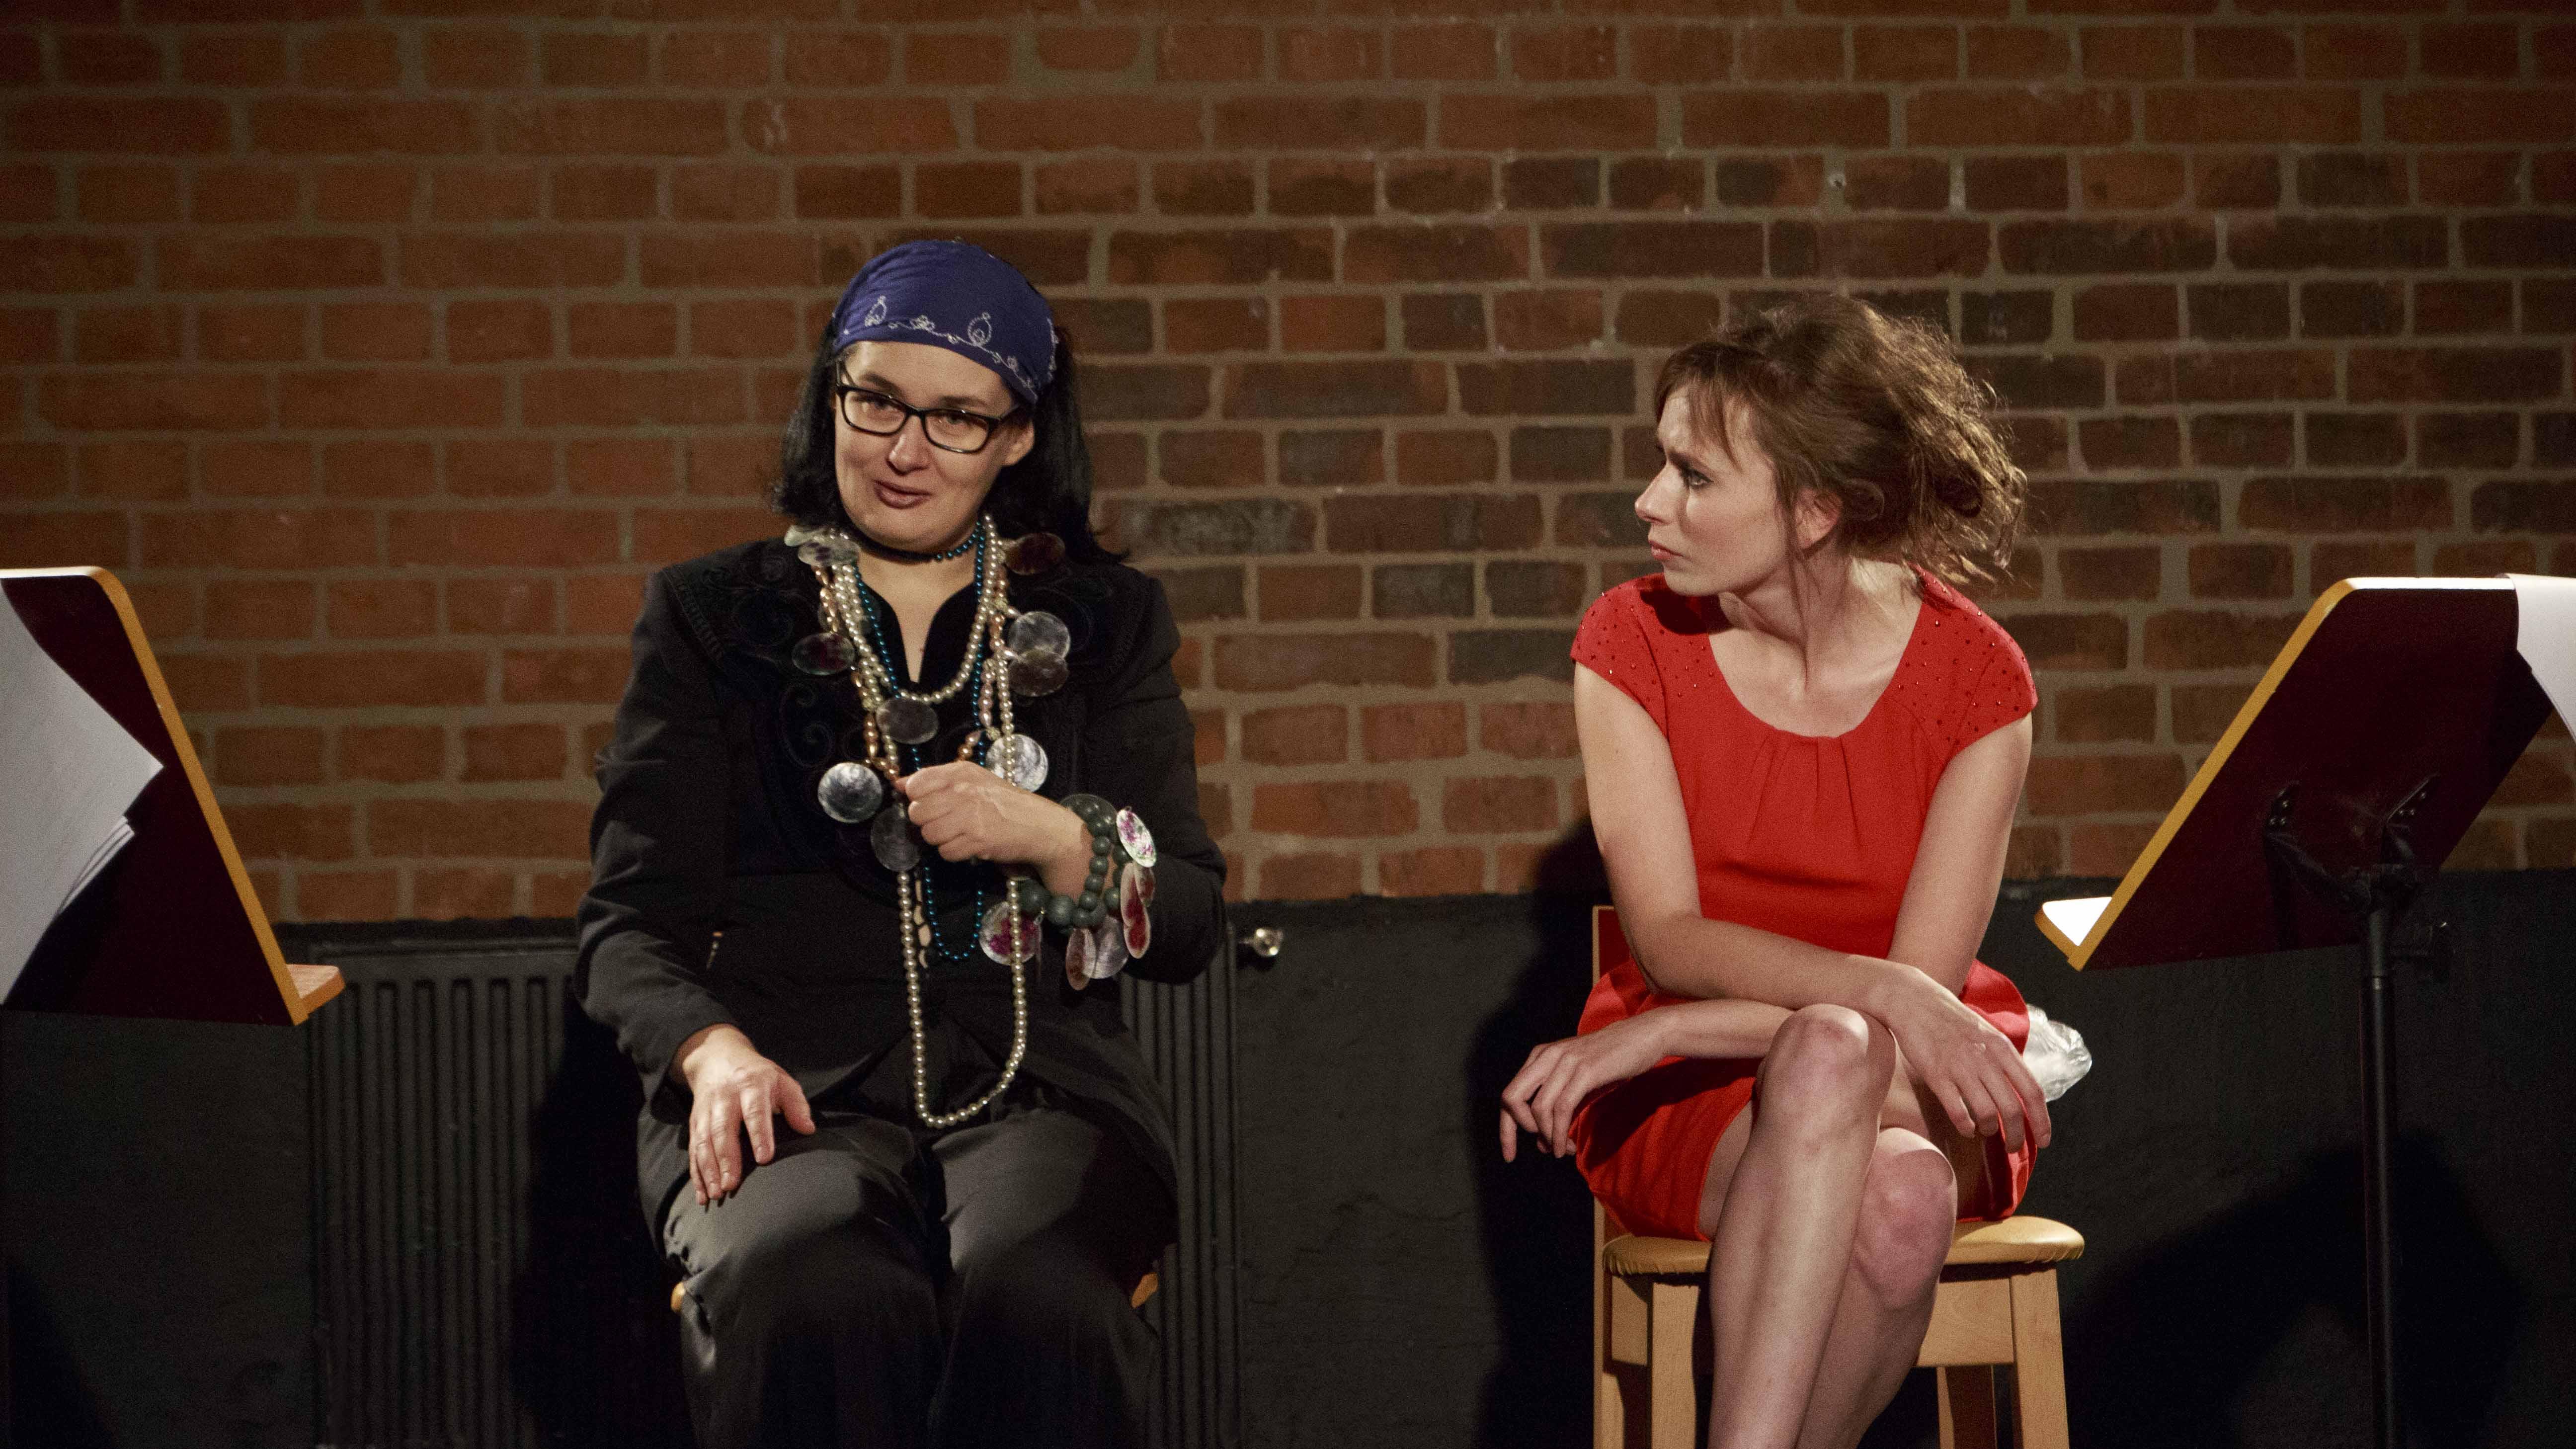 Zdjęcie ze spektaklu Dzielnice cudów. Dwie aktorki jedna aktorka w czerwonej sukience, druga aktorka przebrana jak cyganka. Rozmawiają.